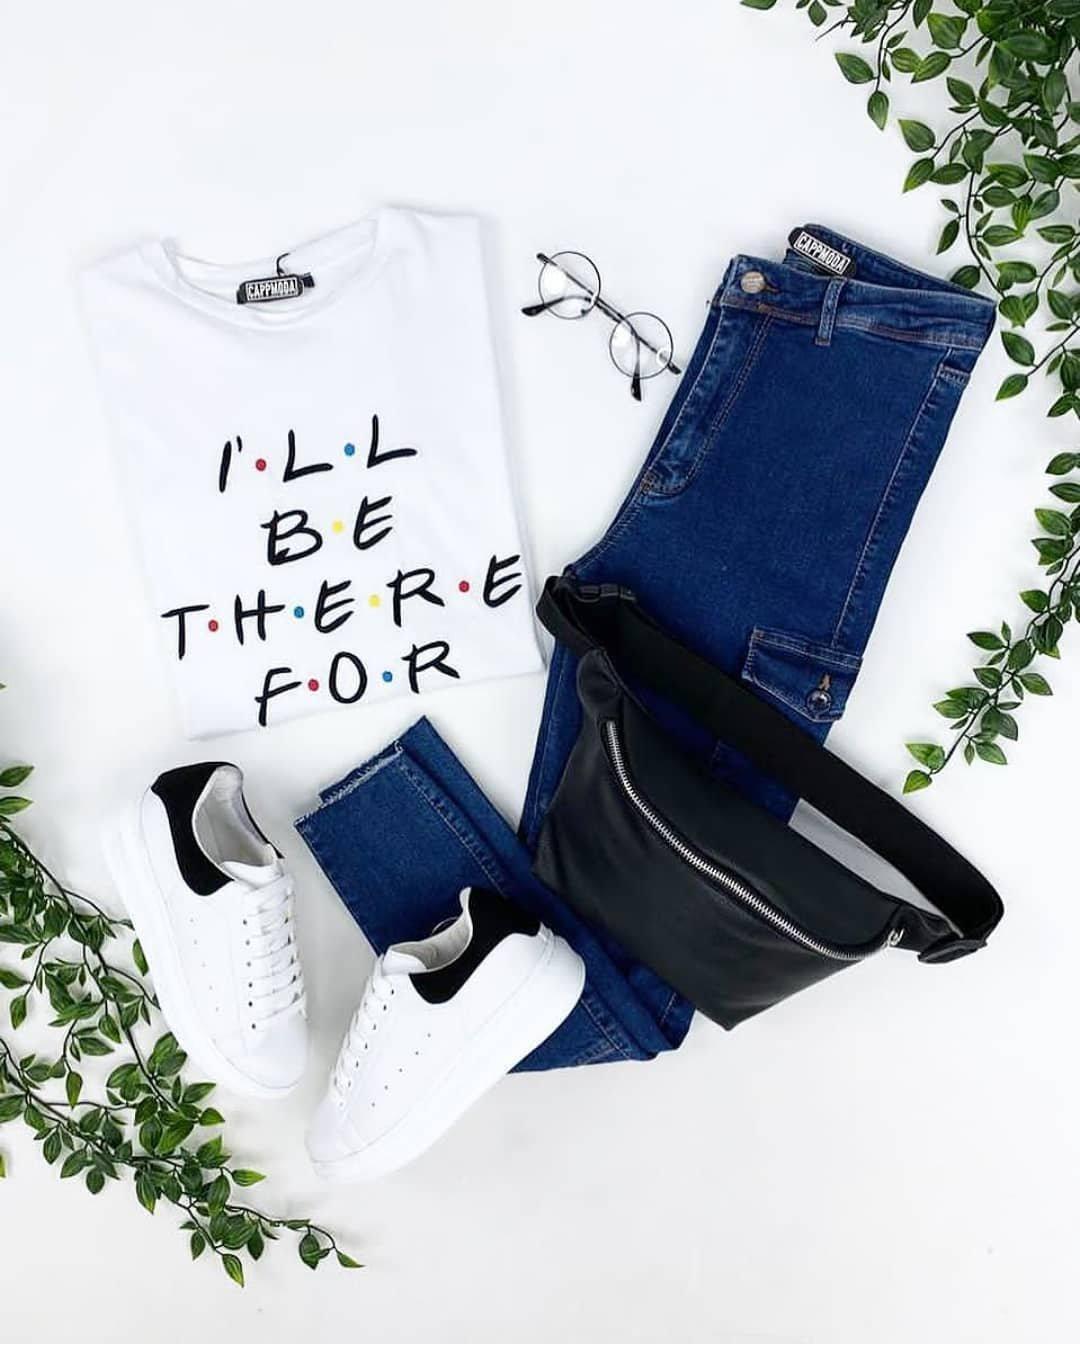 fashioninhappiness bvswkavfn6b2096051313533160583